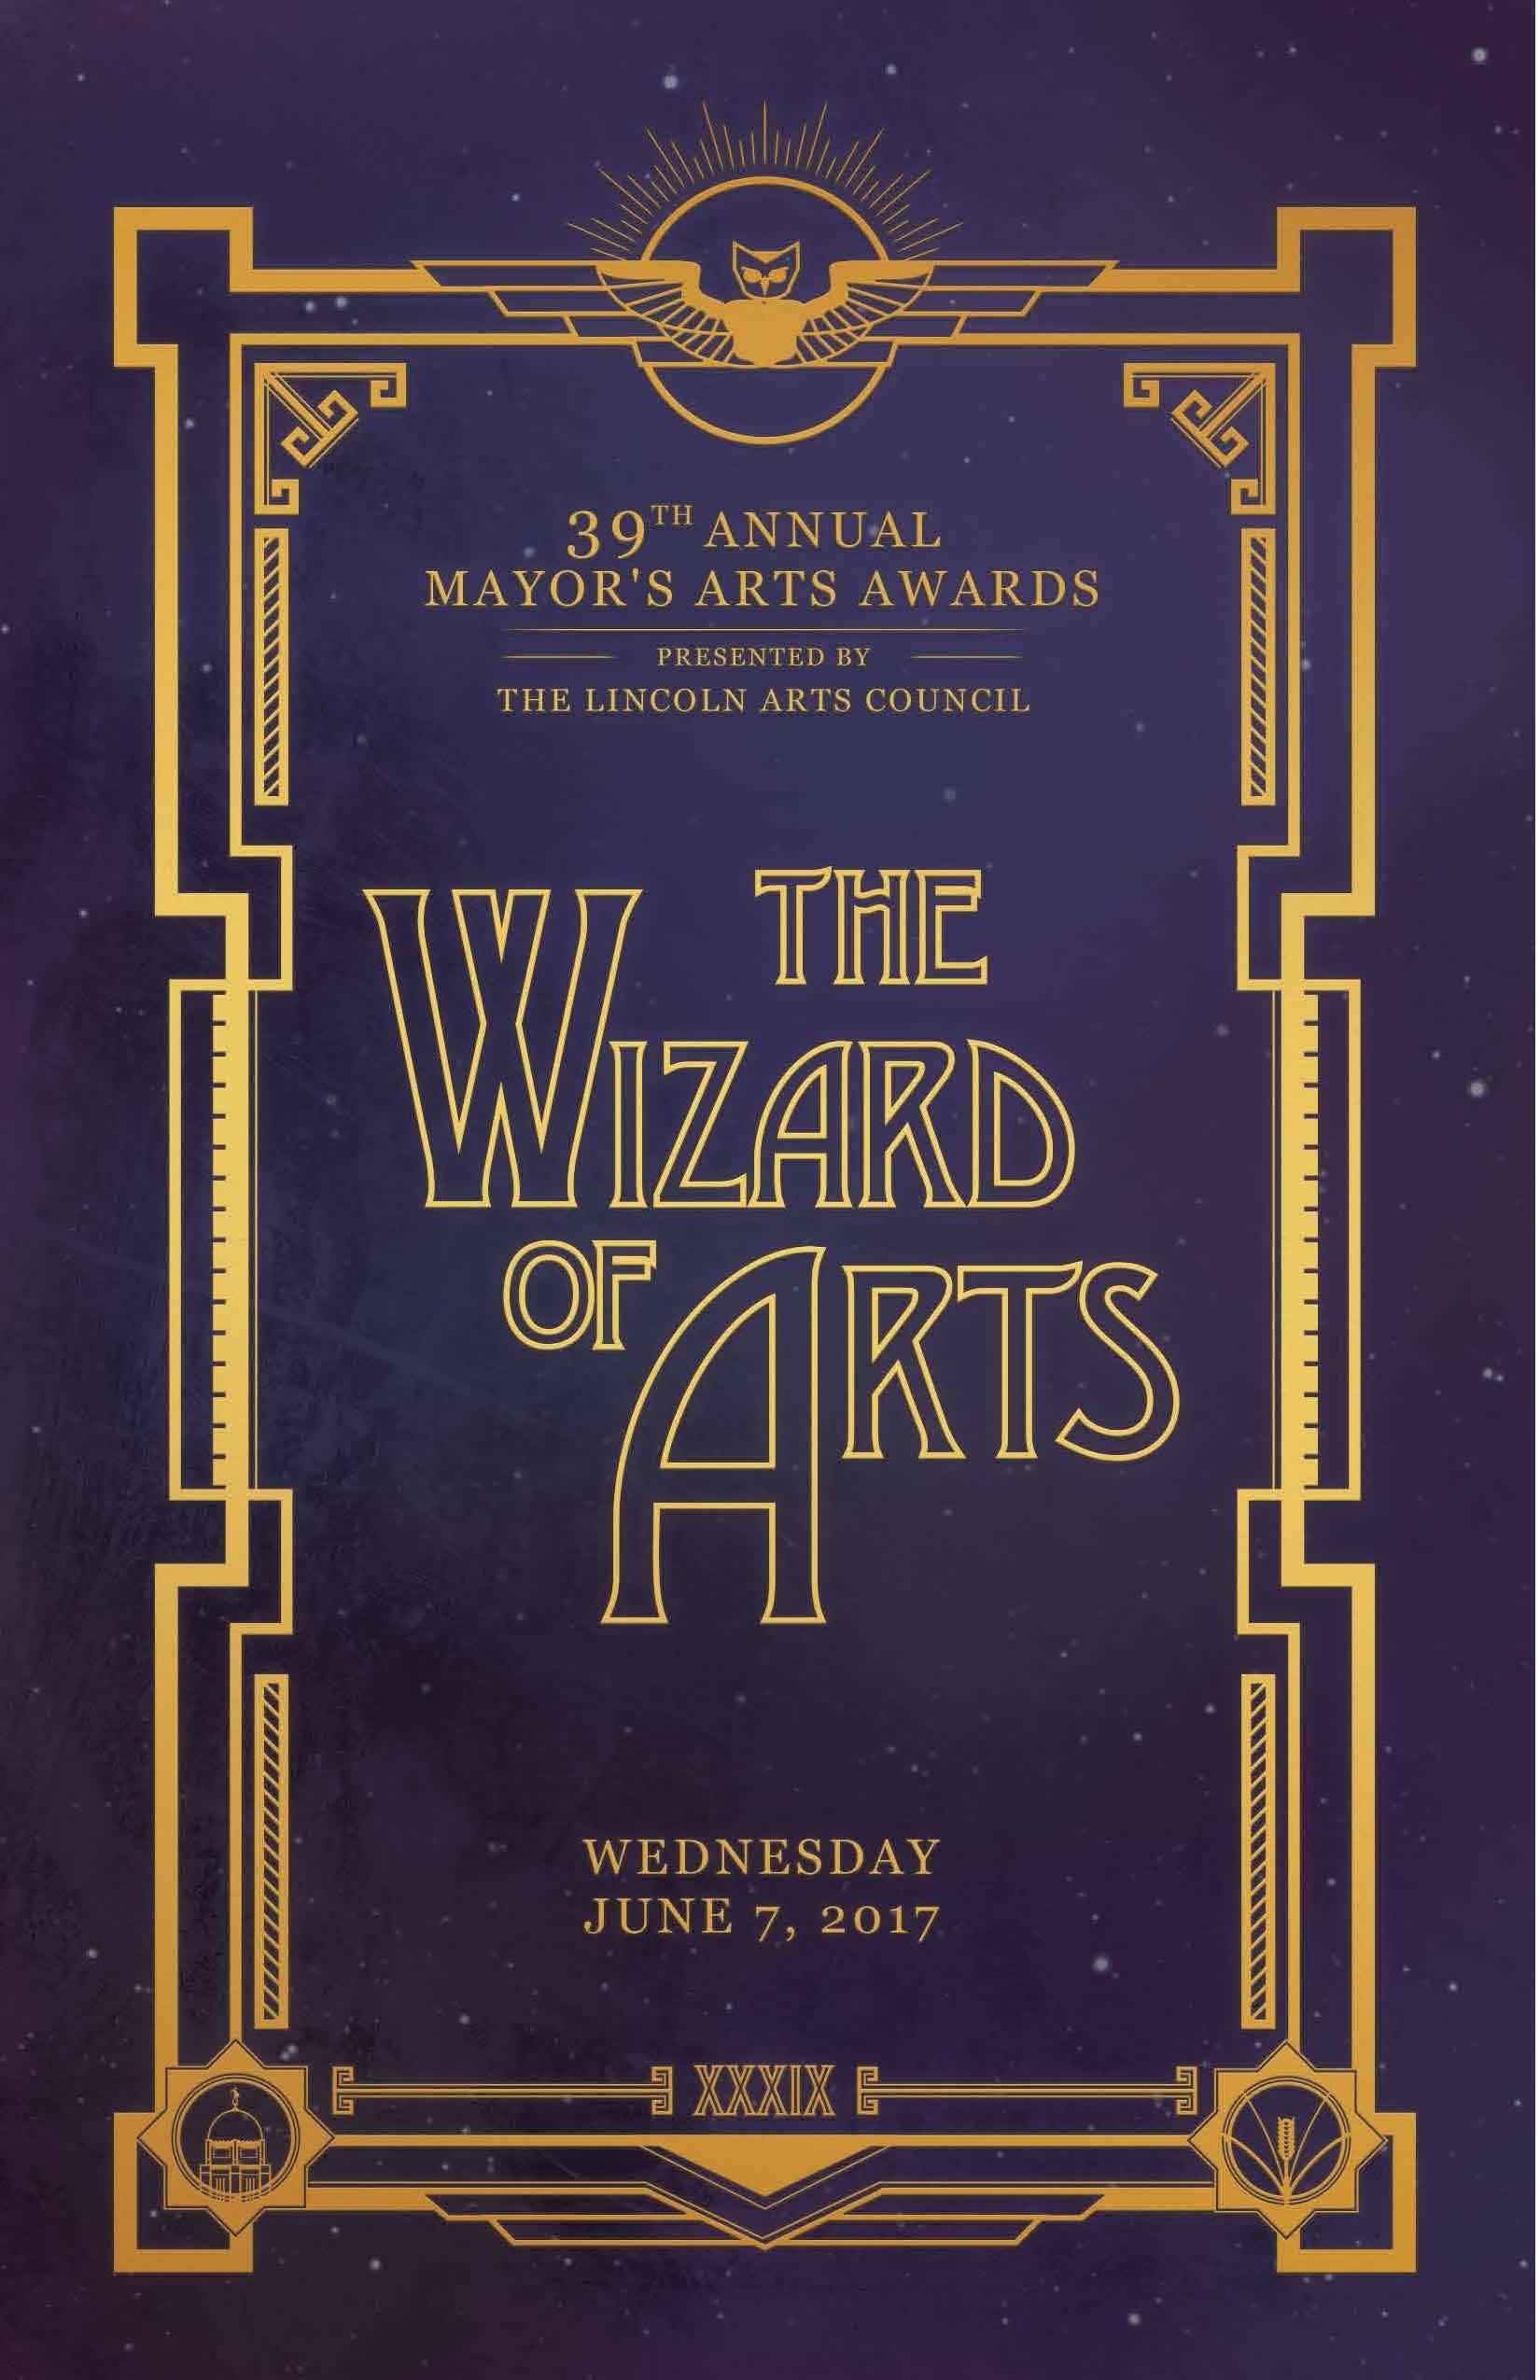 2017 Mayor's Arts Awards